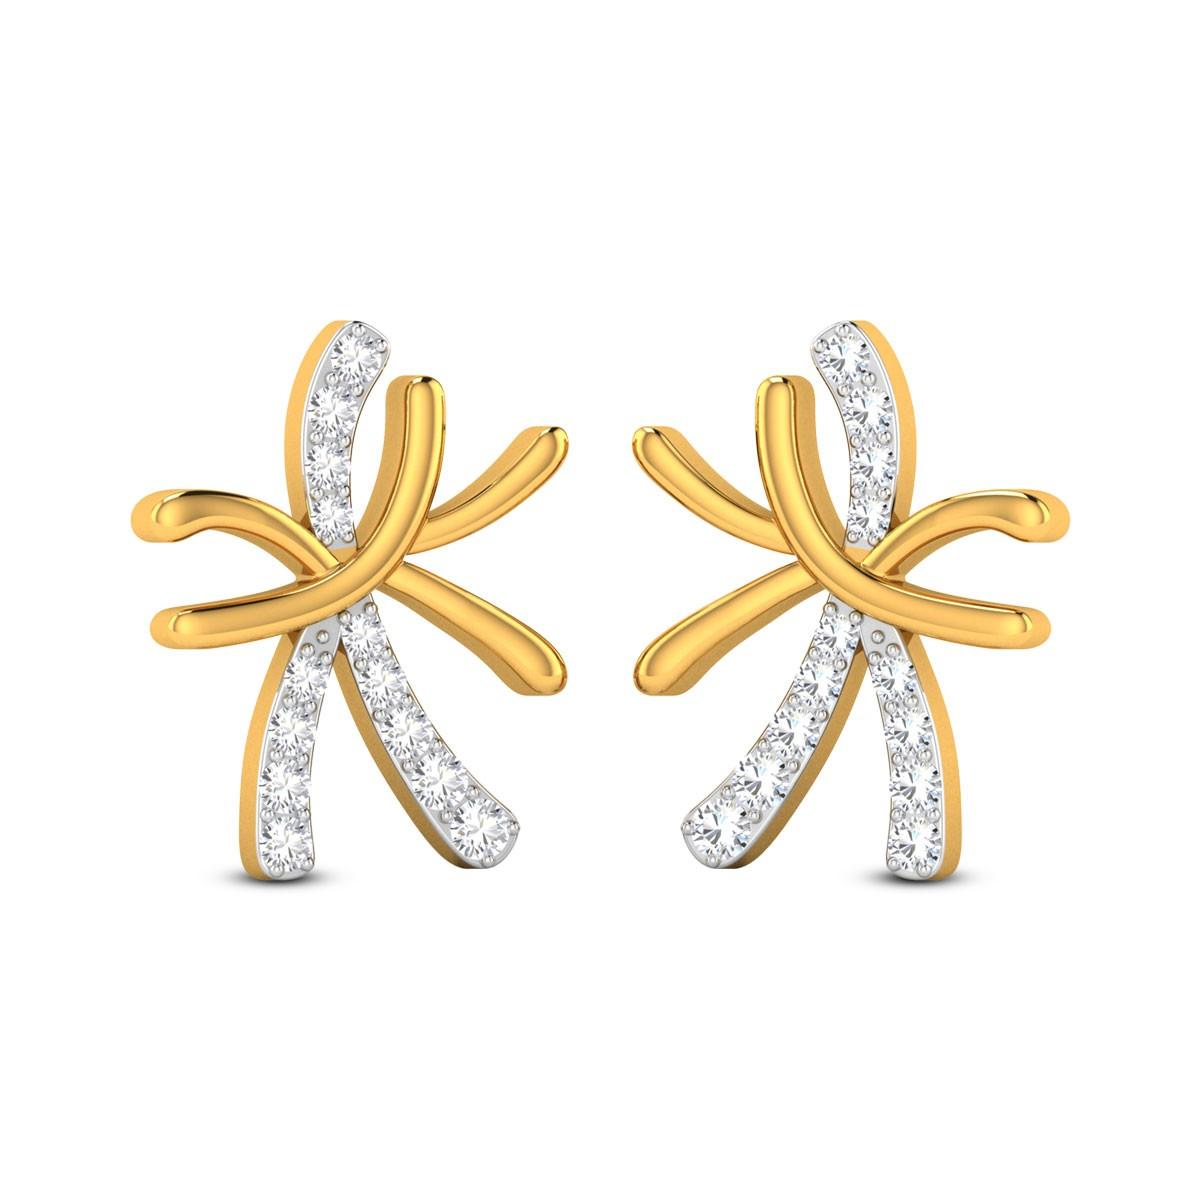 Reverie Diamond Earrings